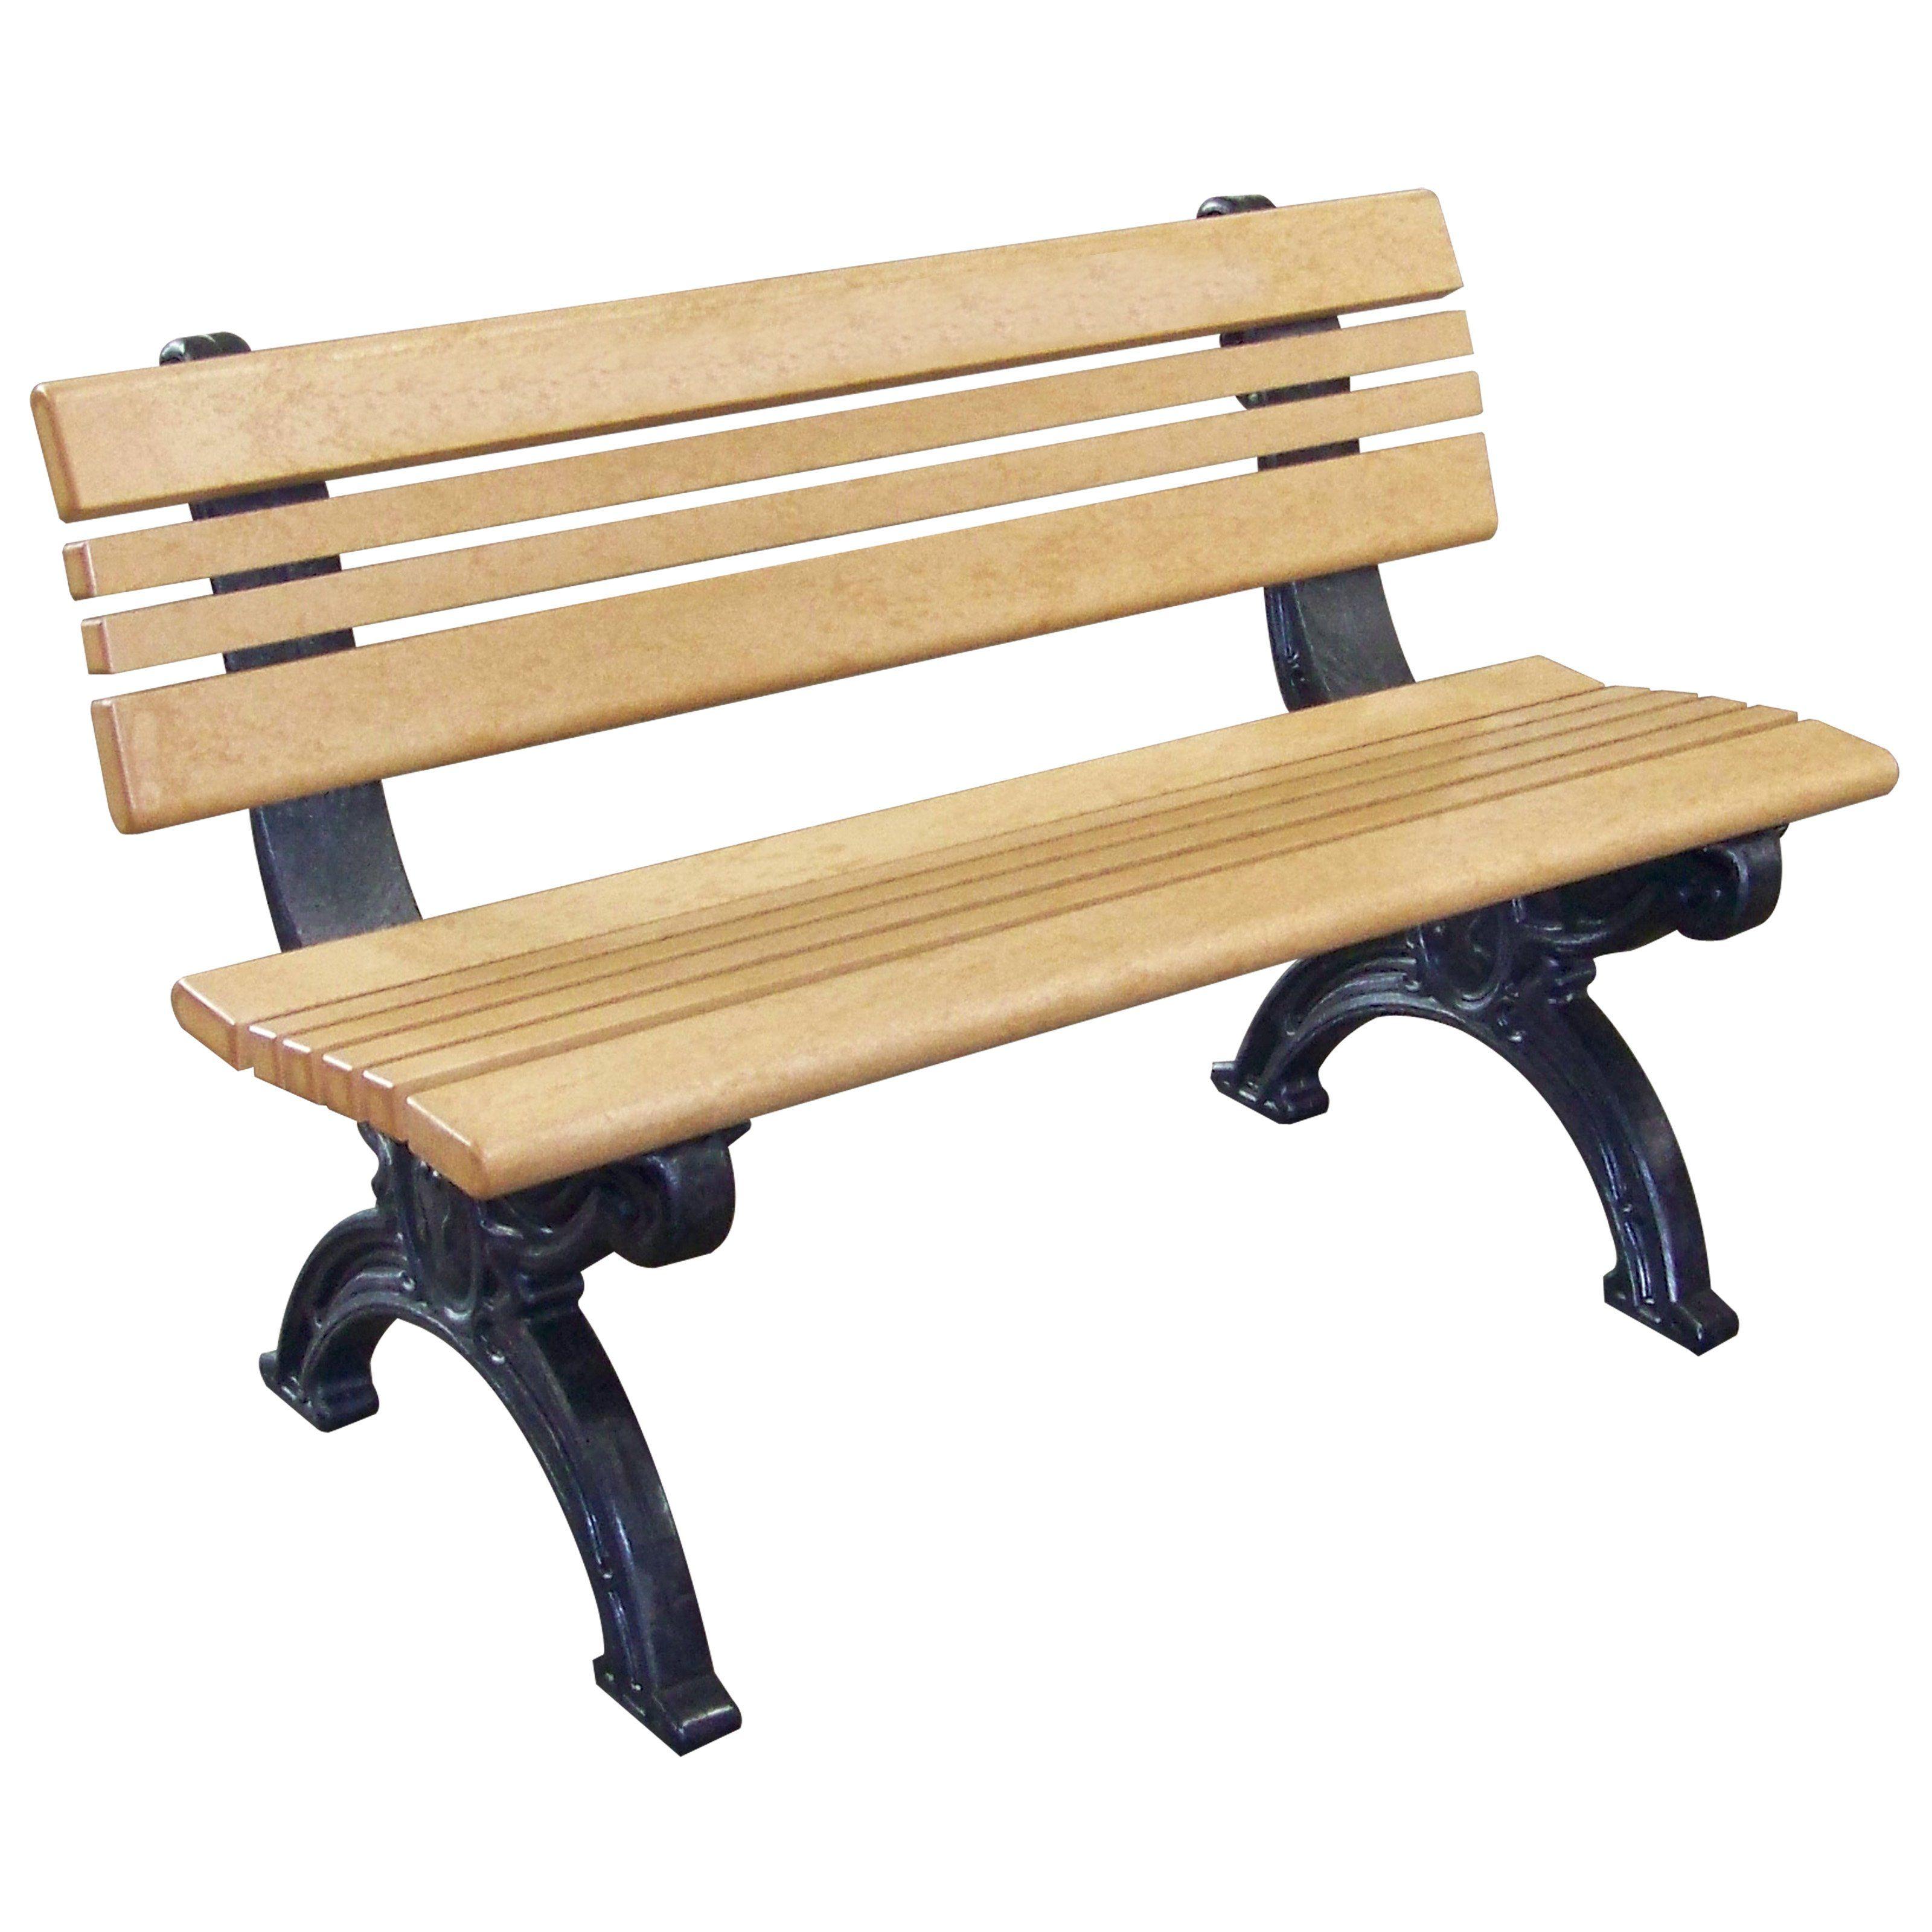 cambridge 4 ft. commercial grade armless park bench $302.99